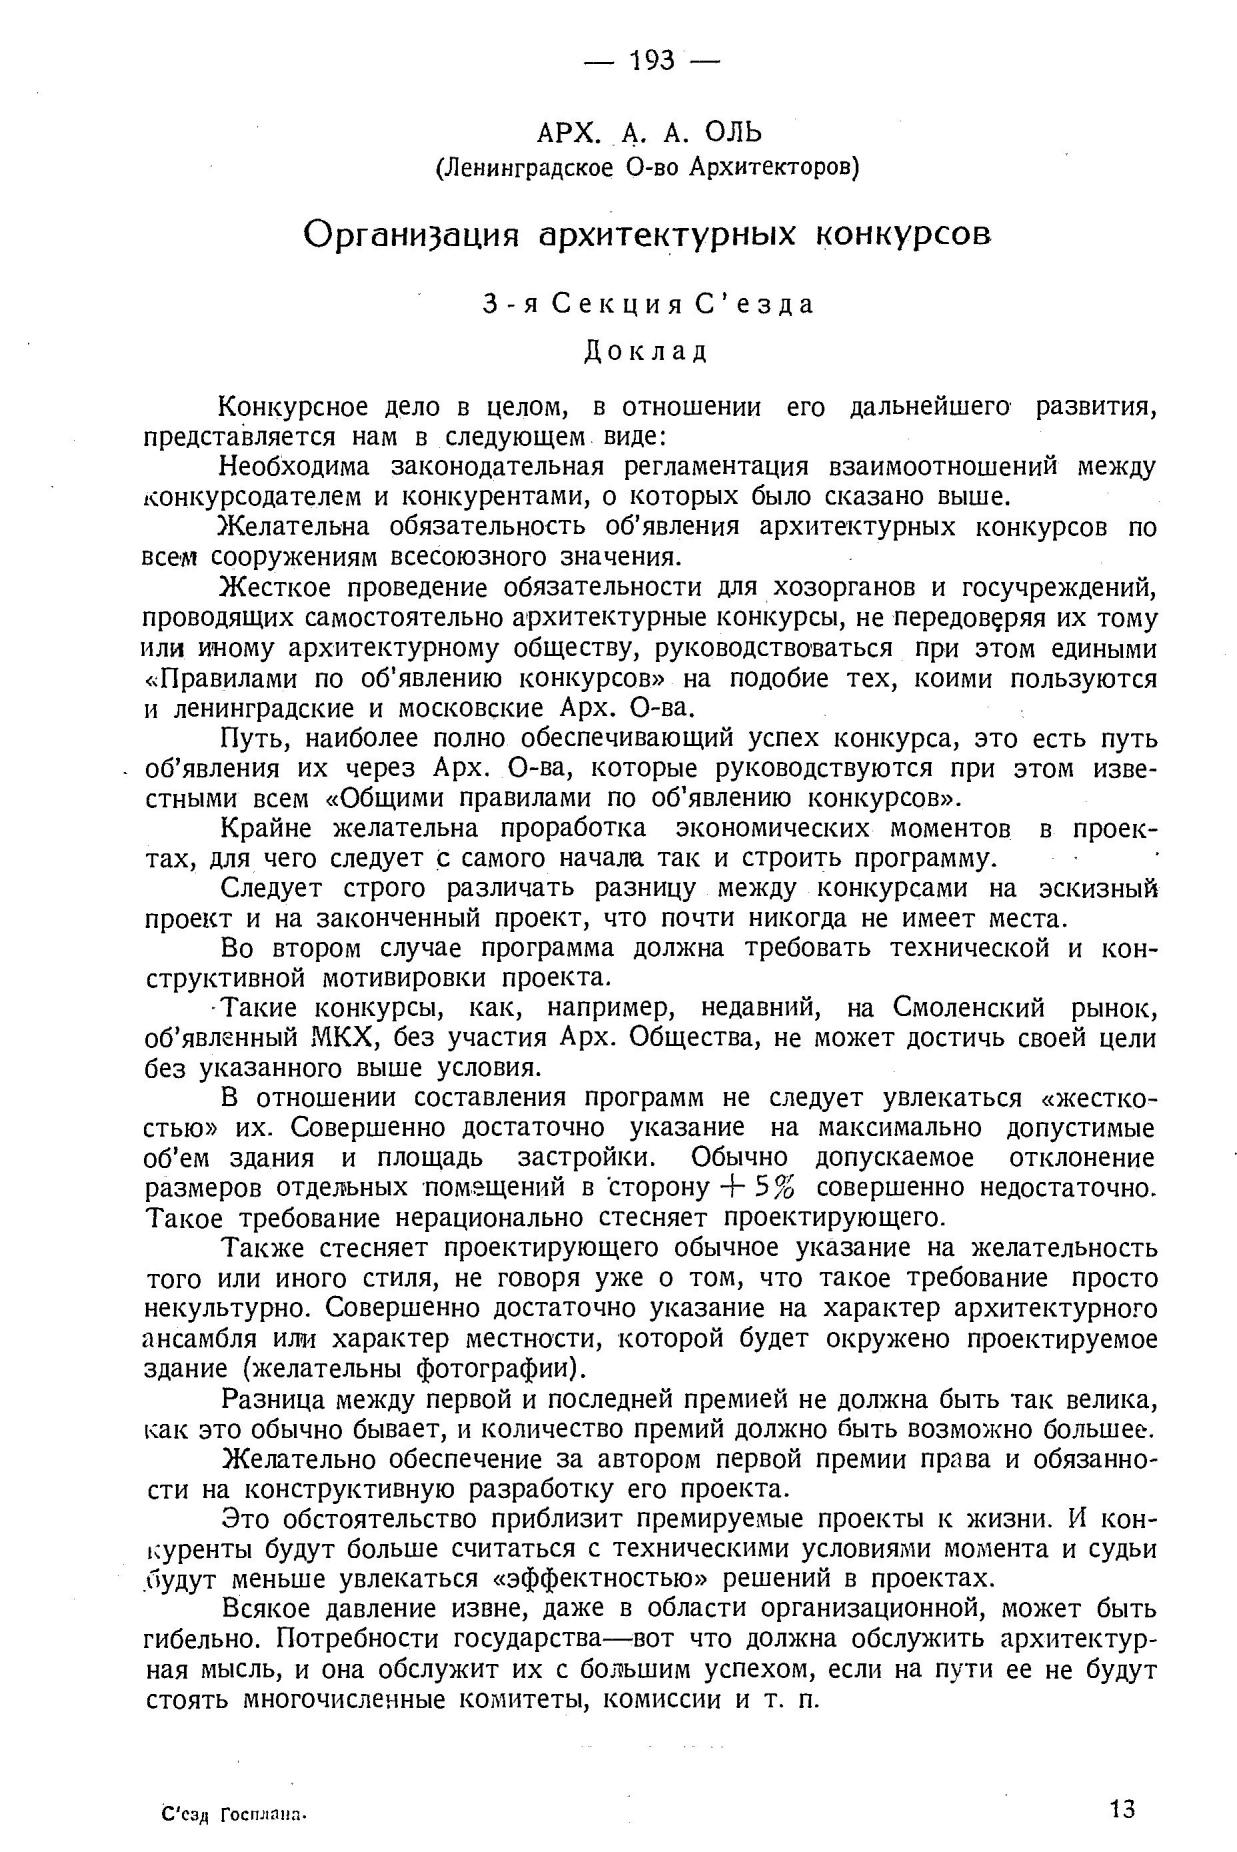 Читать труды 3 съезда русских зодчих